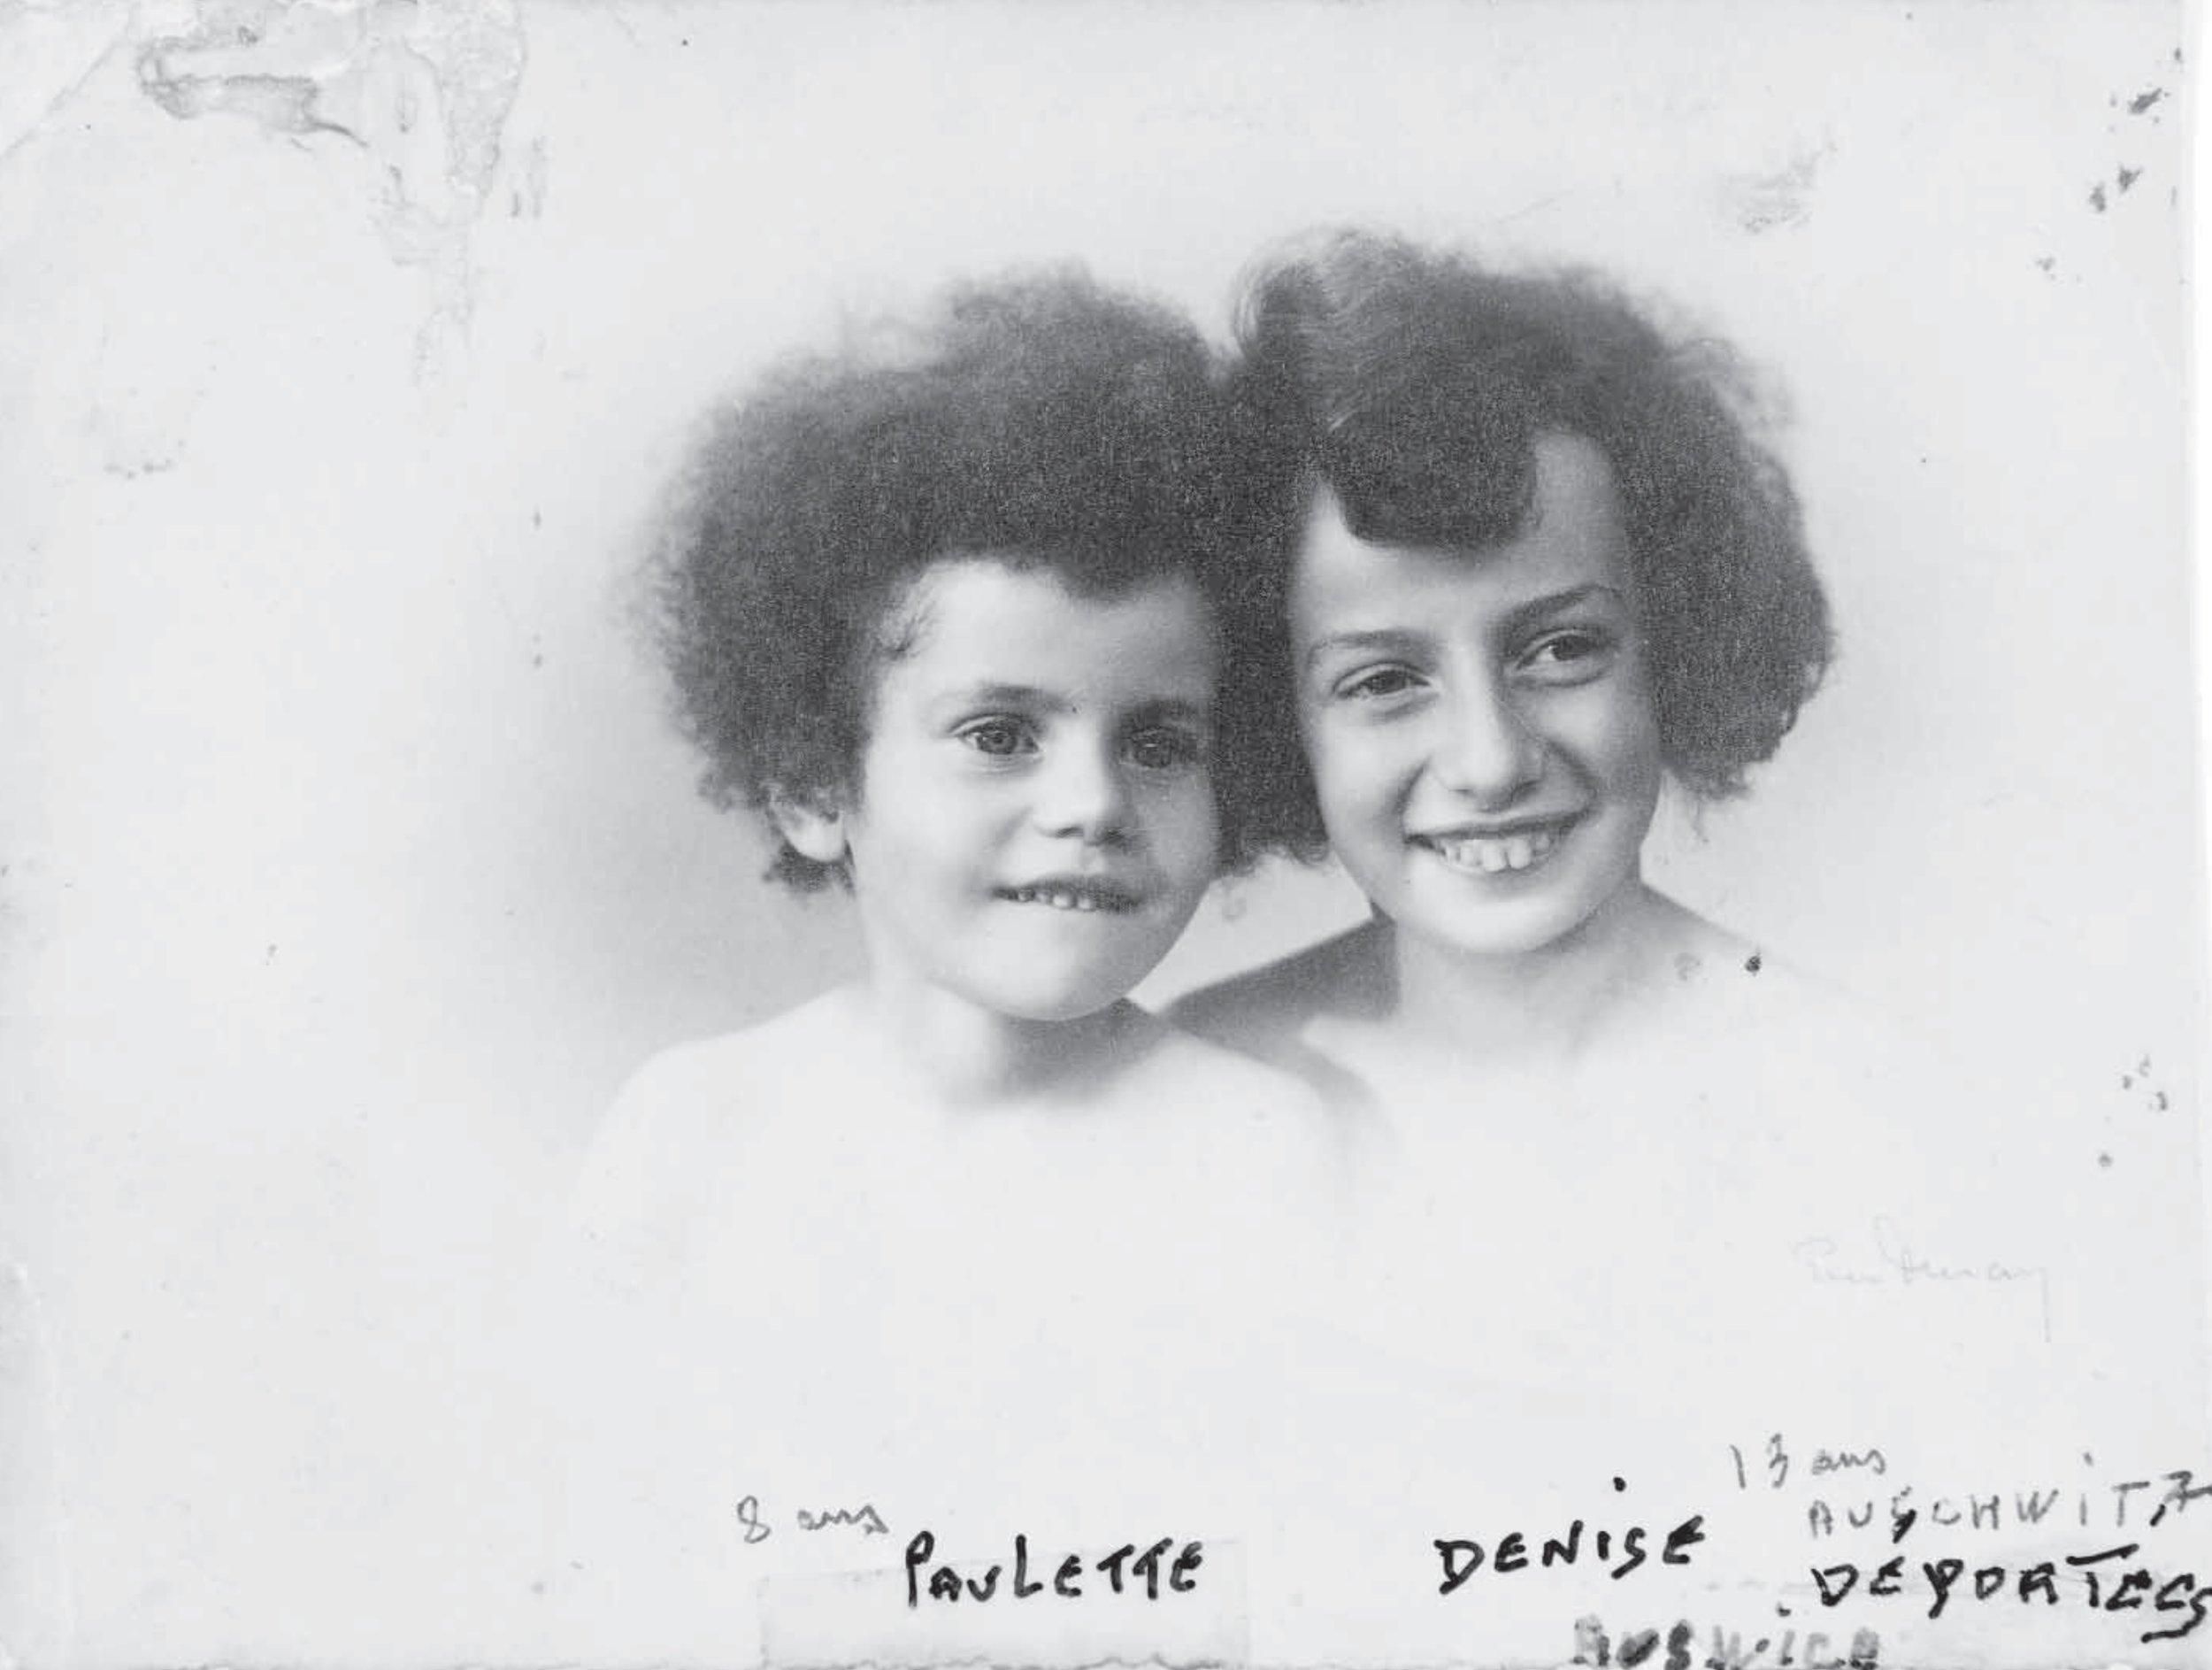 Krampner Denise et Paulette.jpg